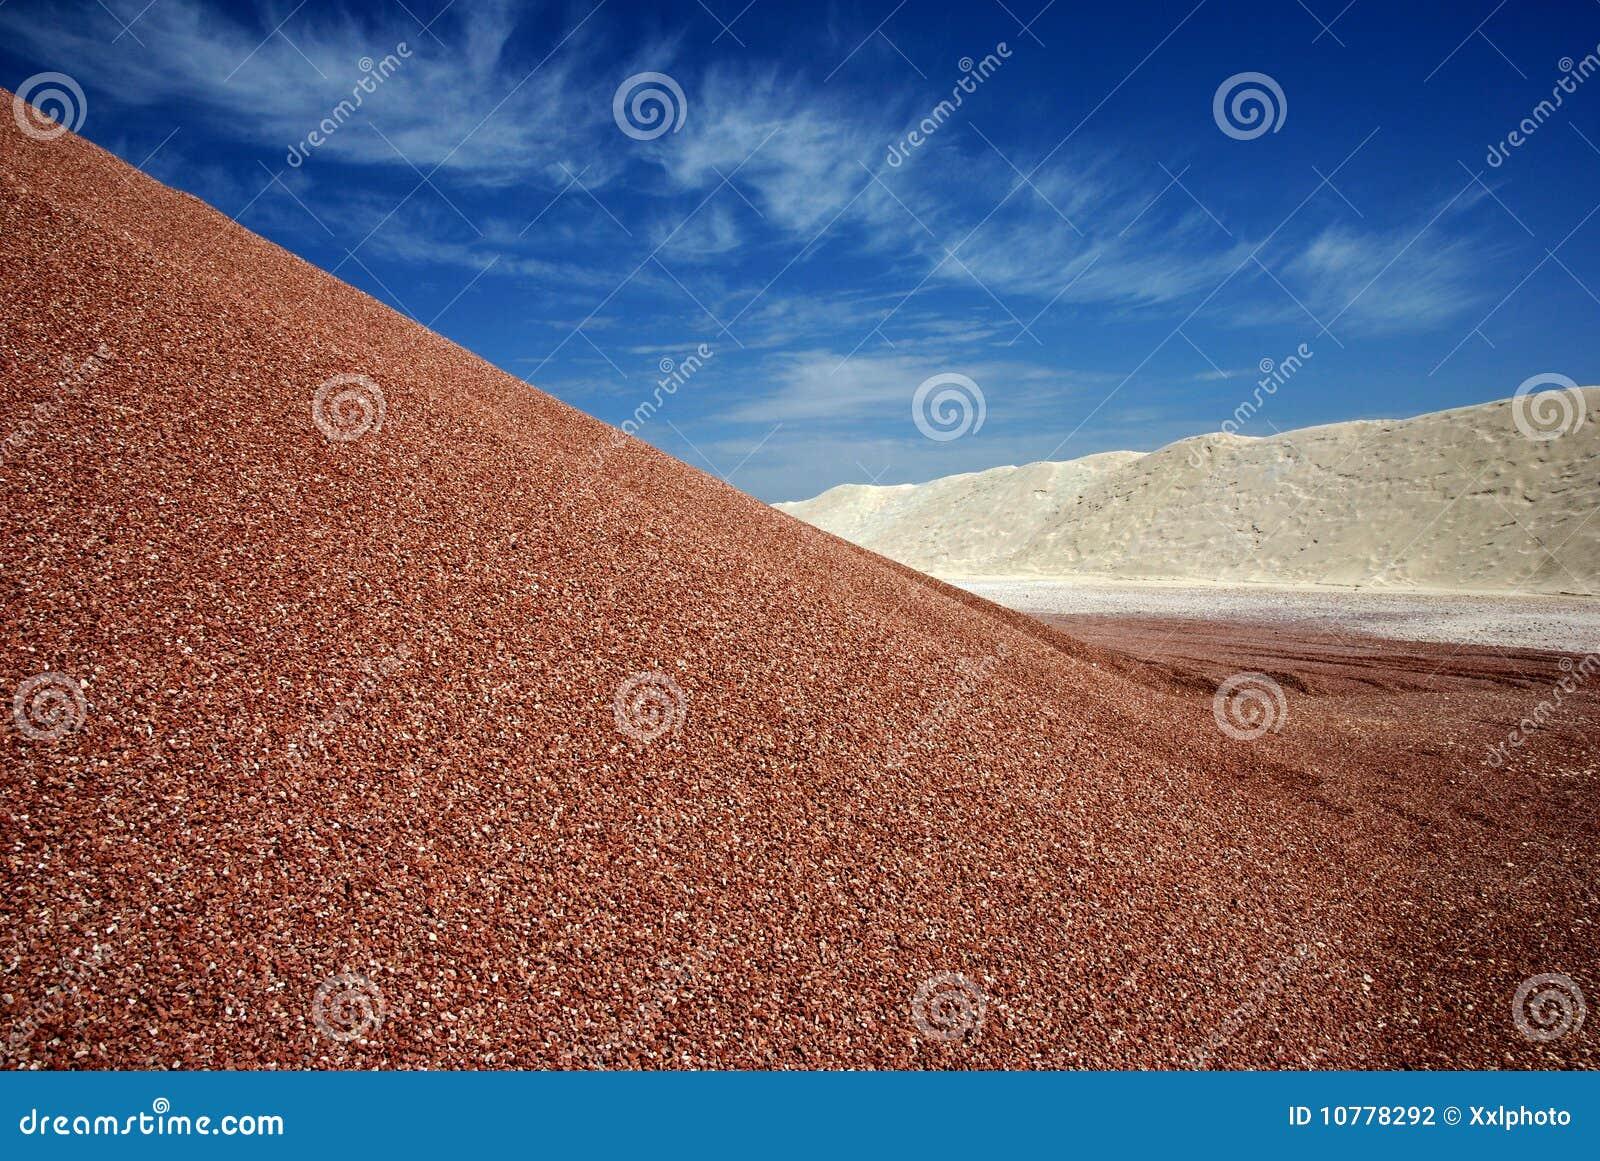 Sandheap